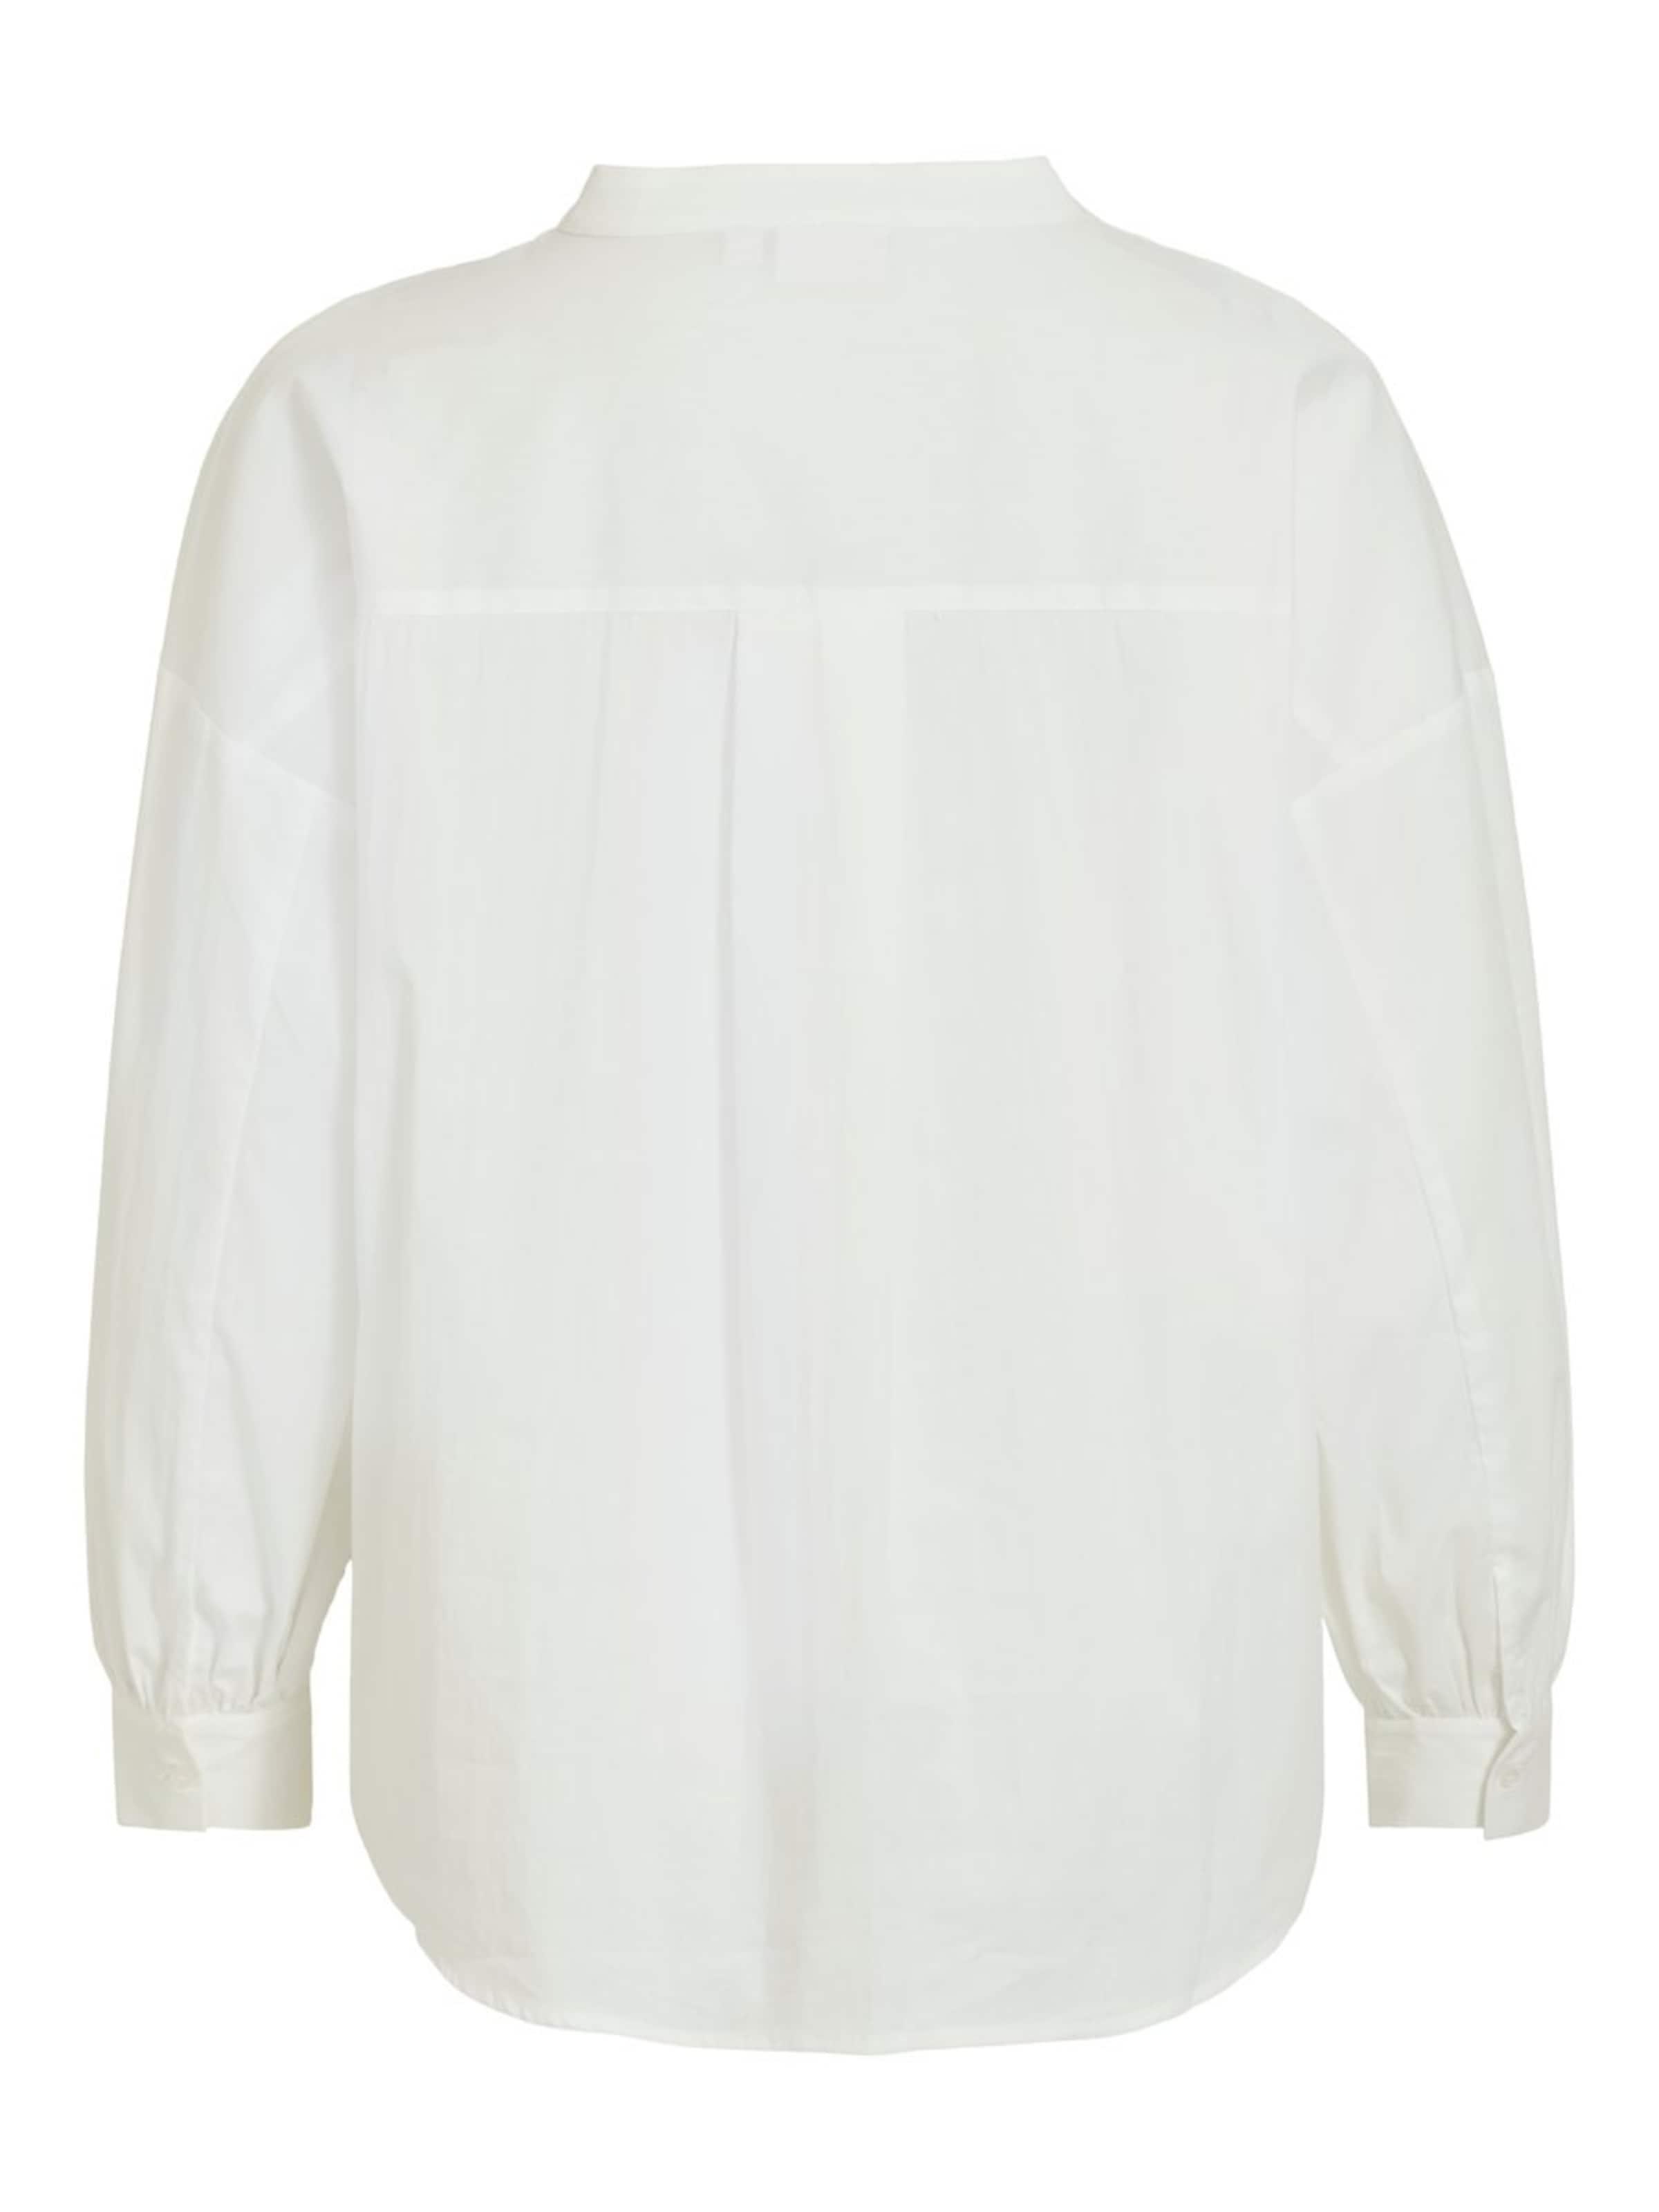 VILA V-Ausschnitt Oberteil mit langen Ärmeln in weiß